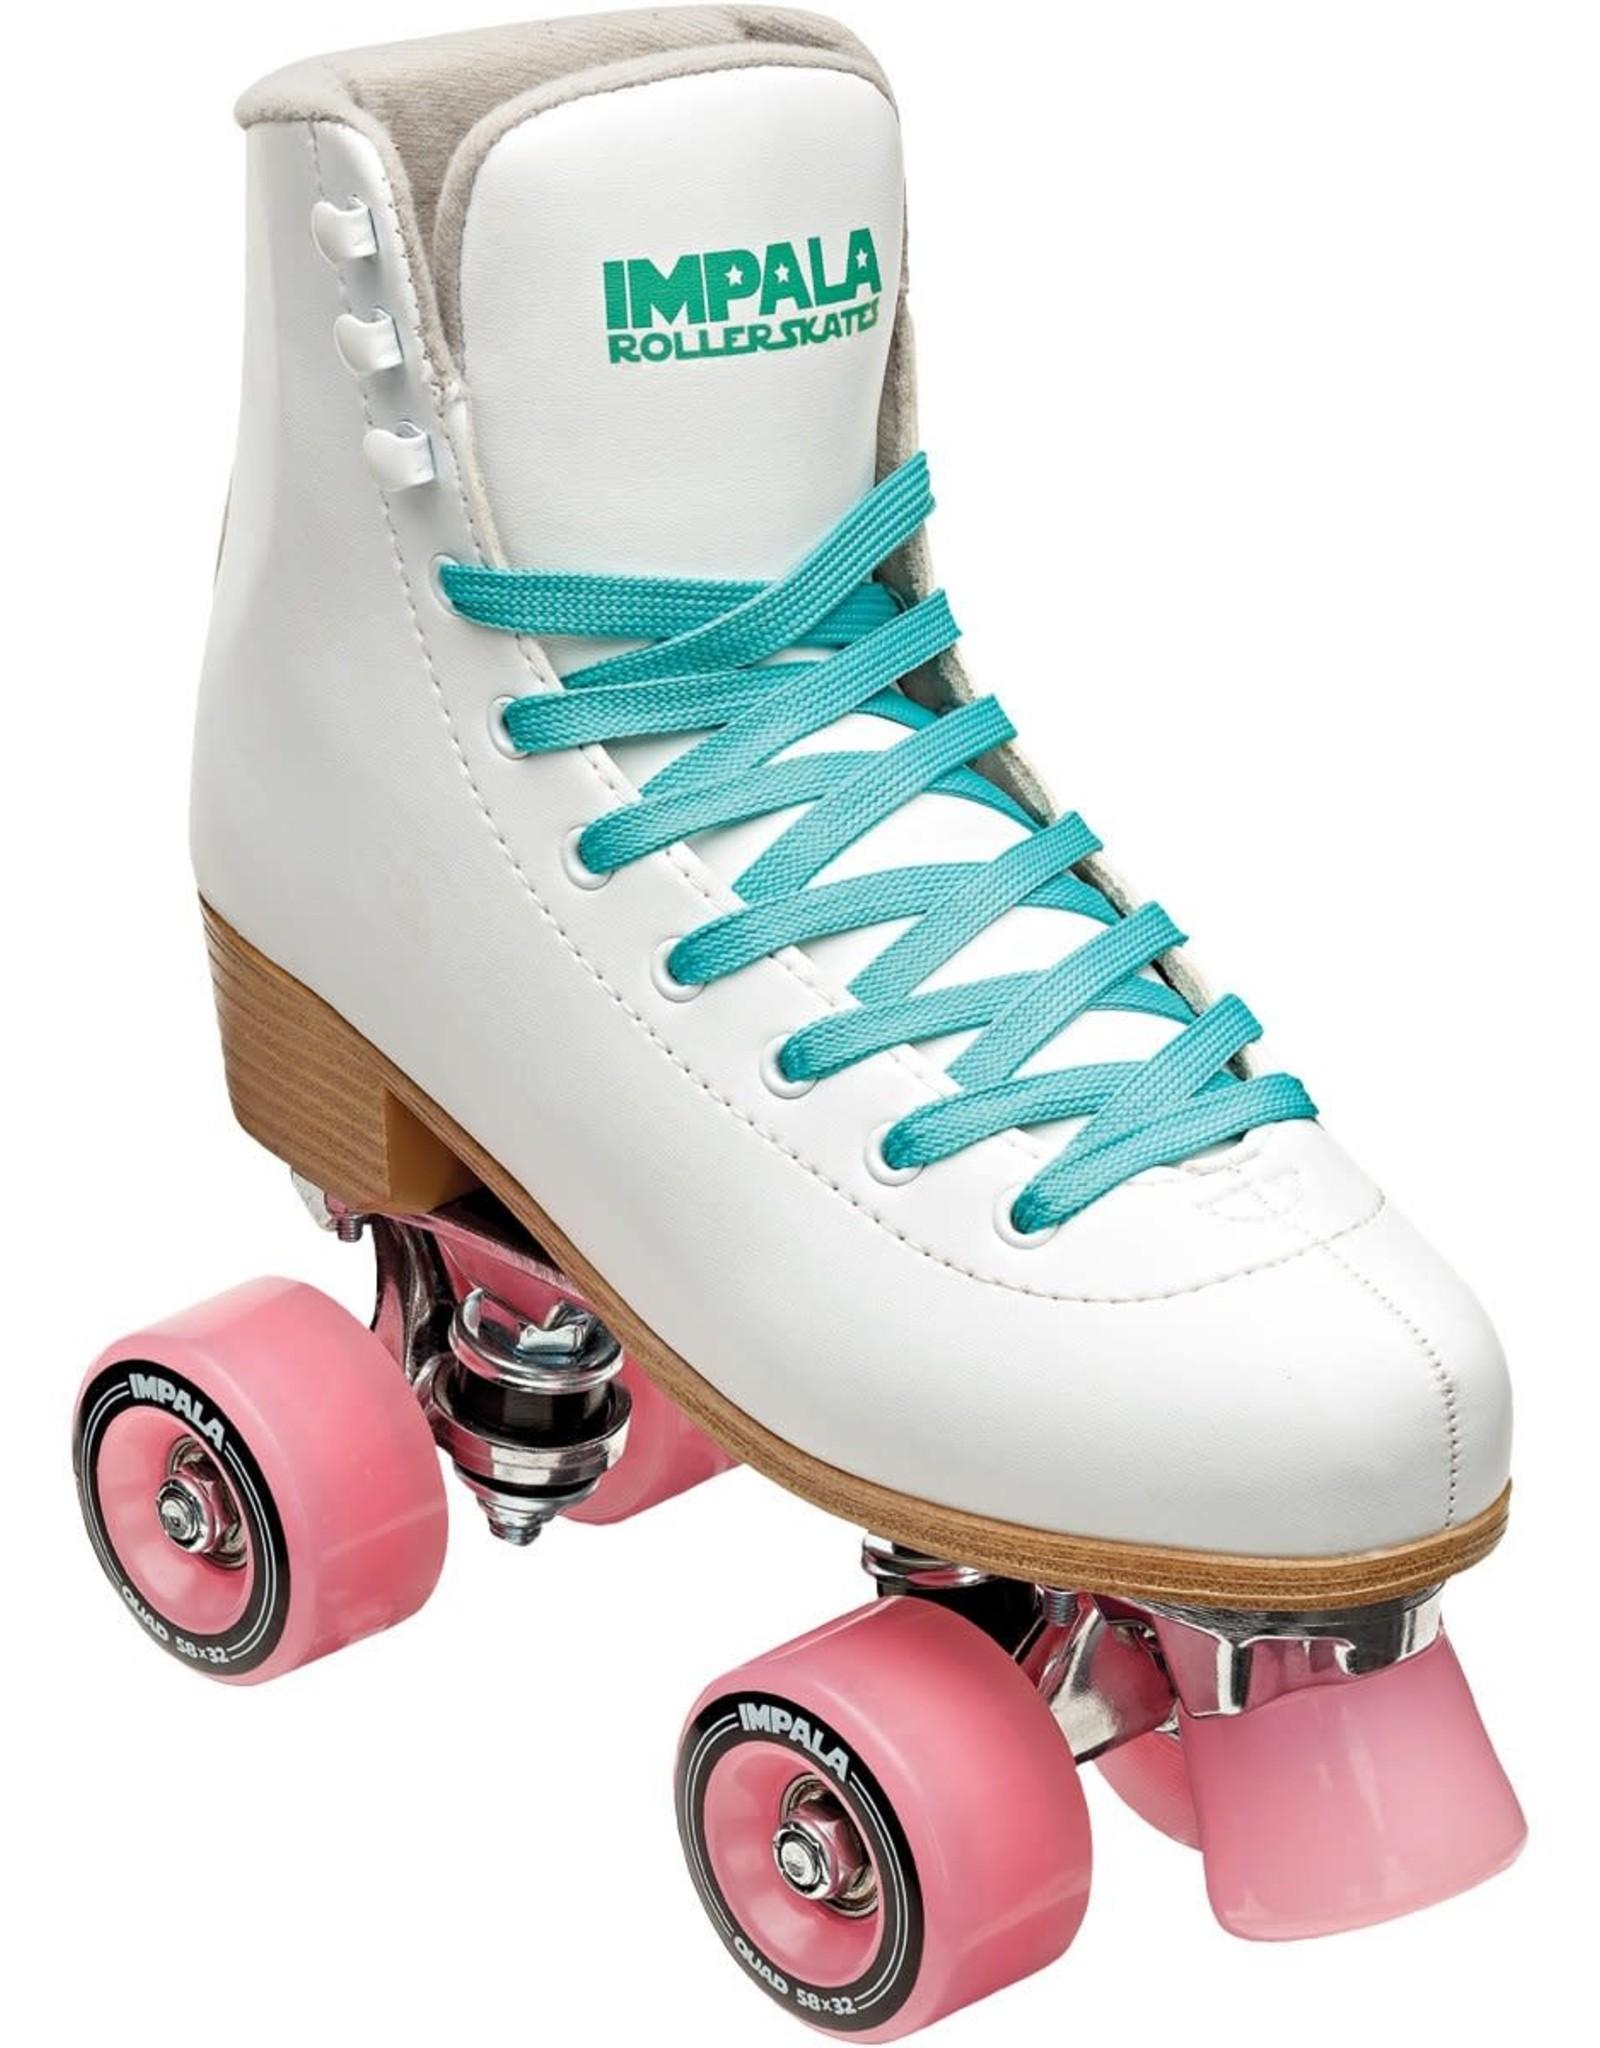 Impala Quad Skate - White